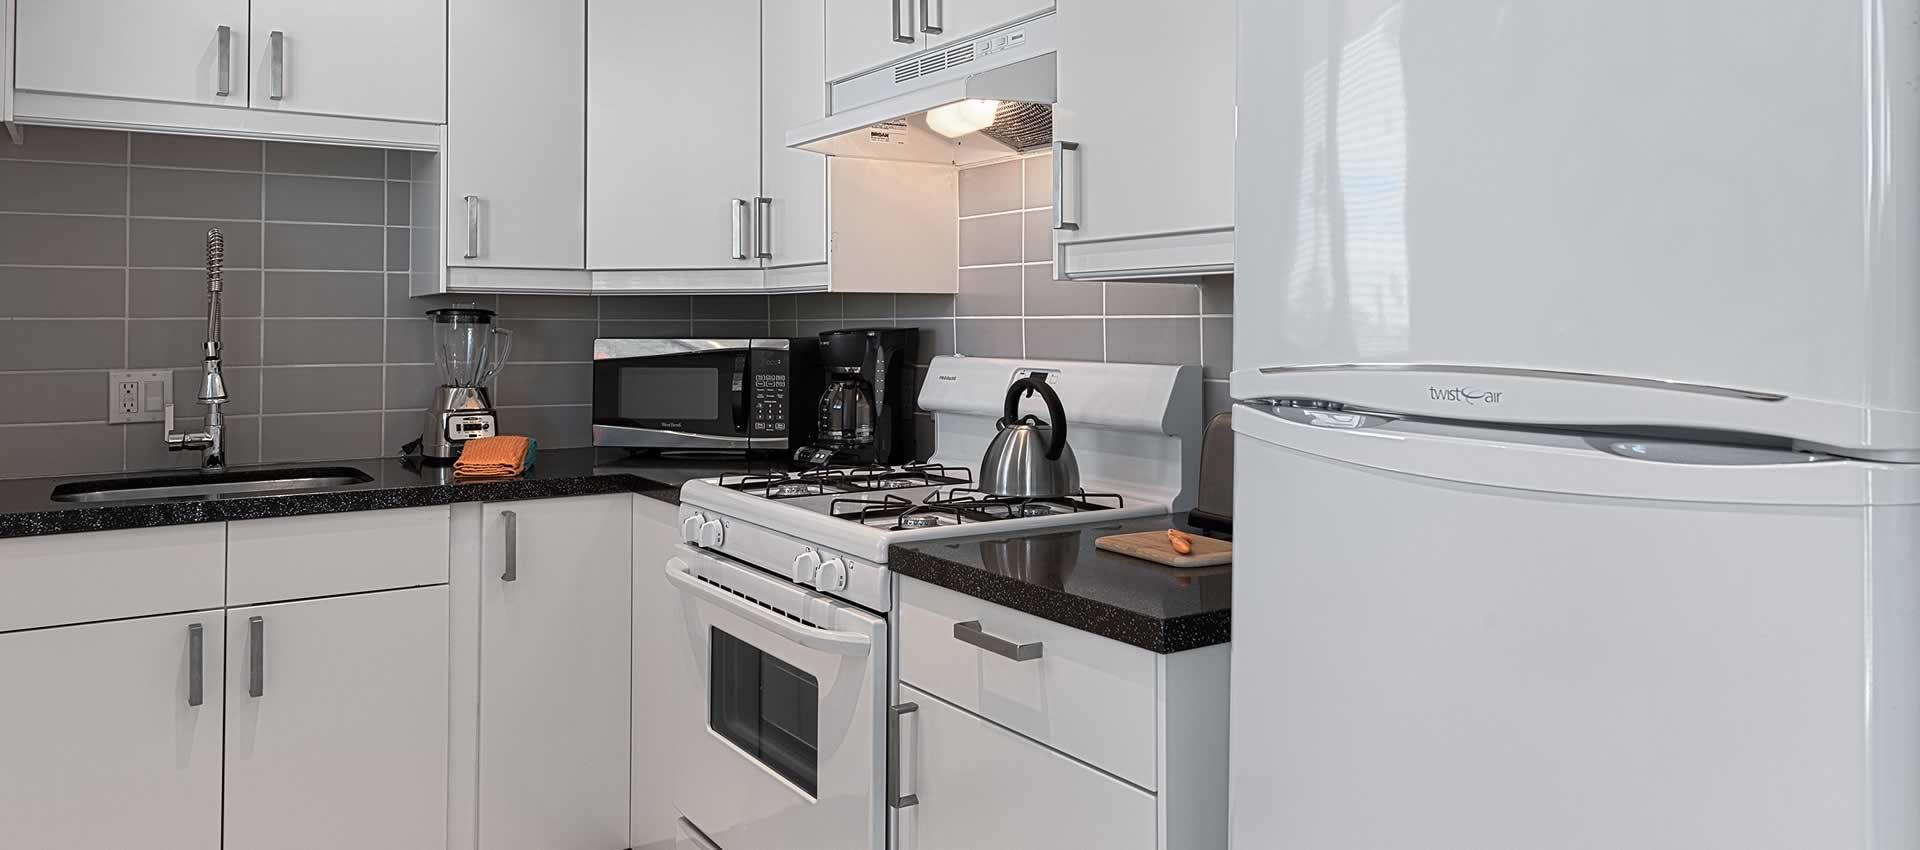 twist hotel room 219 kitchen